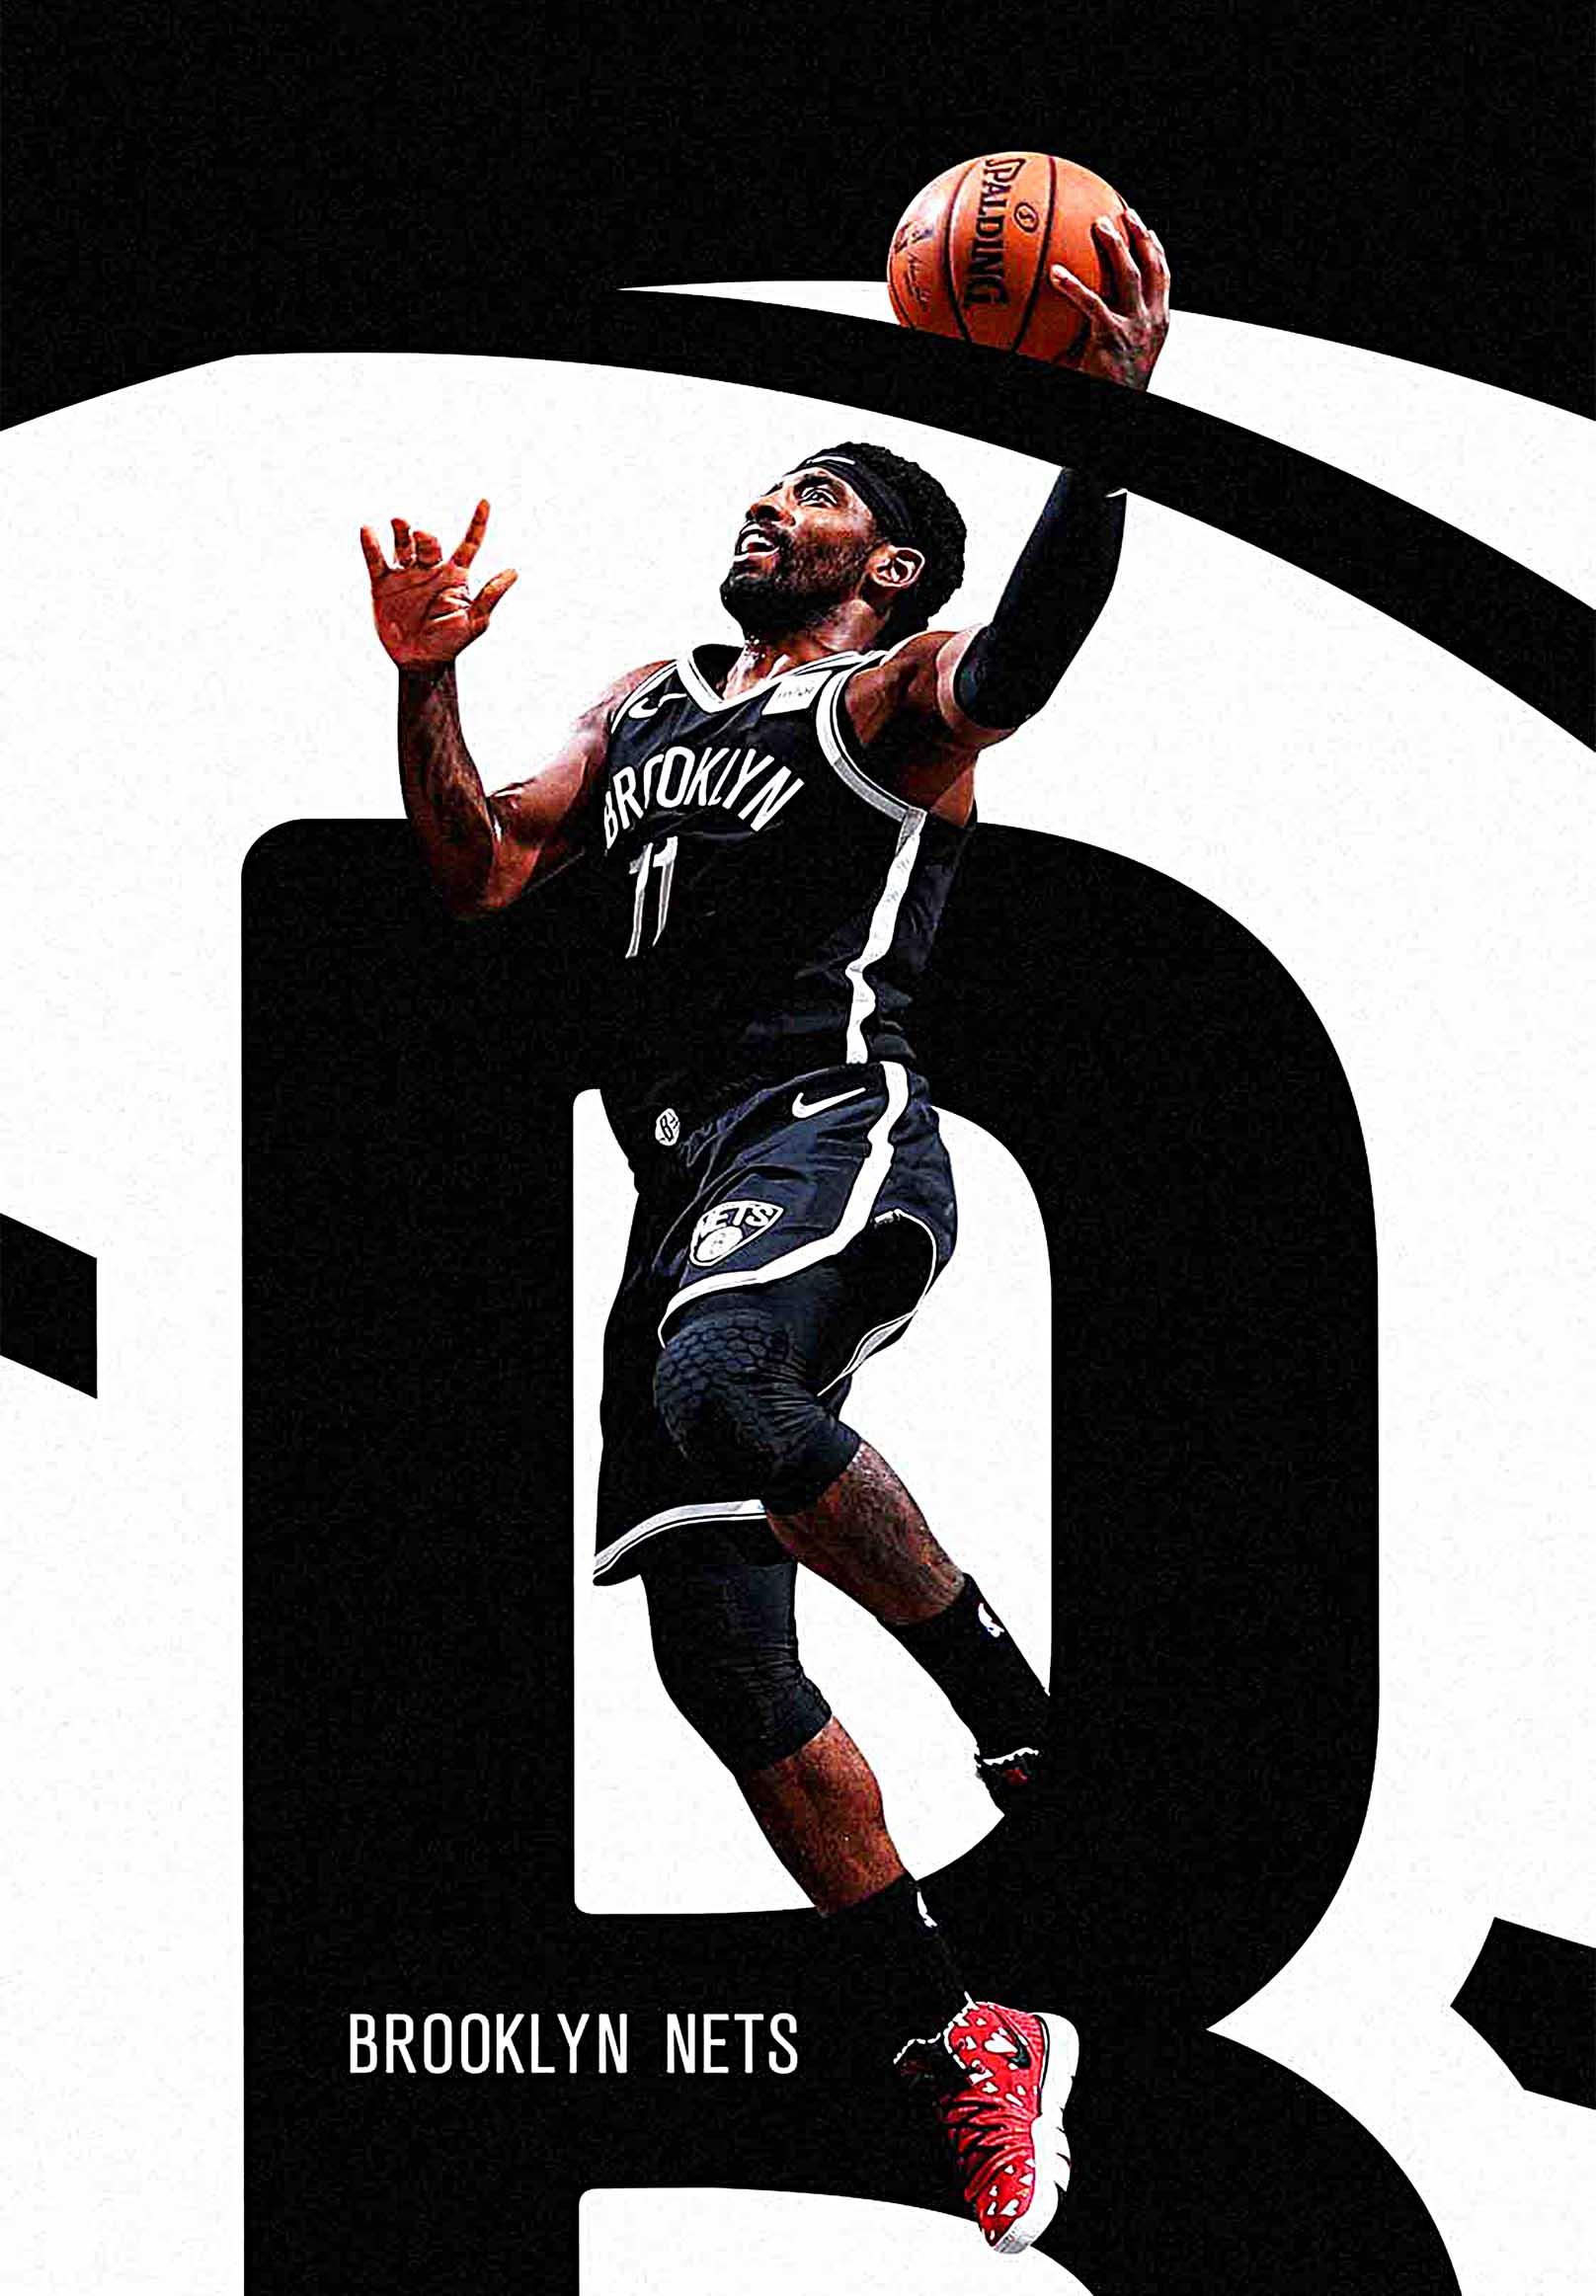 Brooklyn Nets Kyrie Irving Canvas Tablo (Nba-canvas-kyrie1)